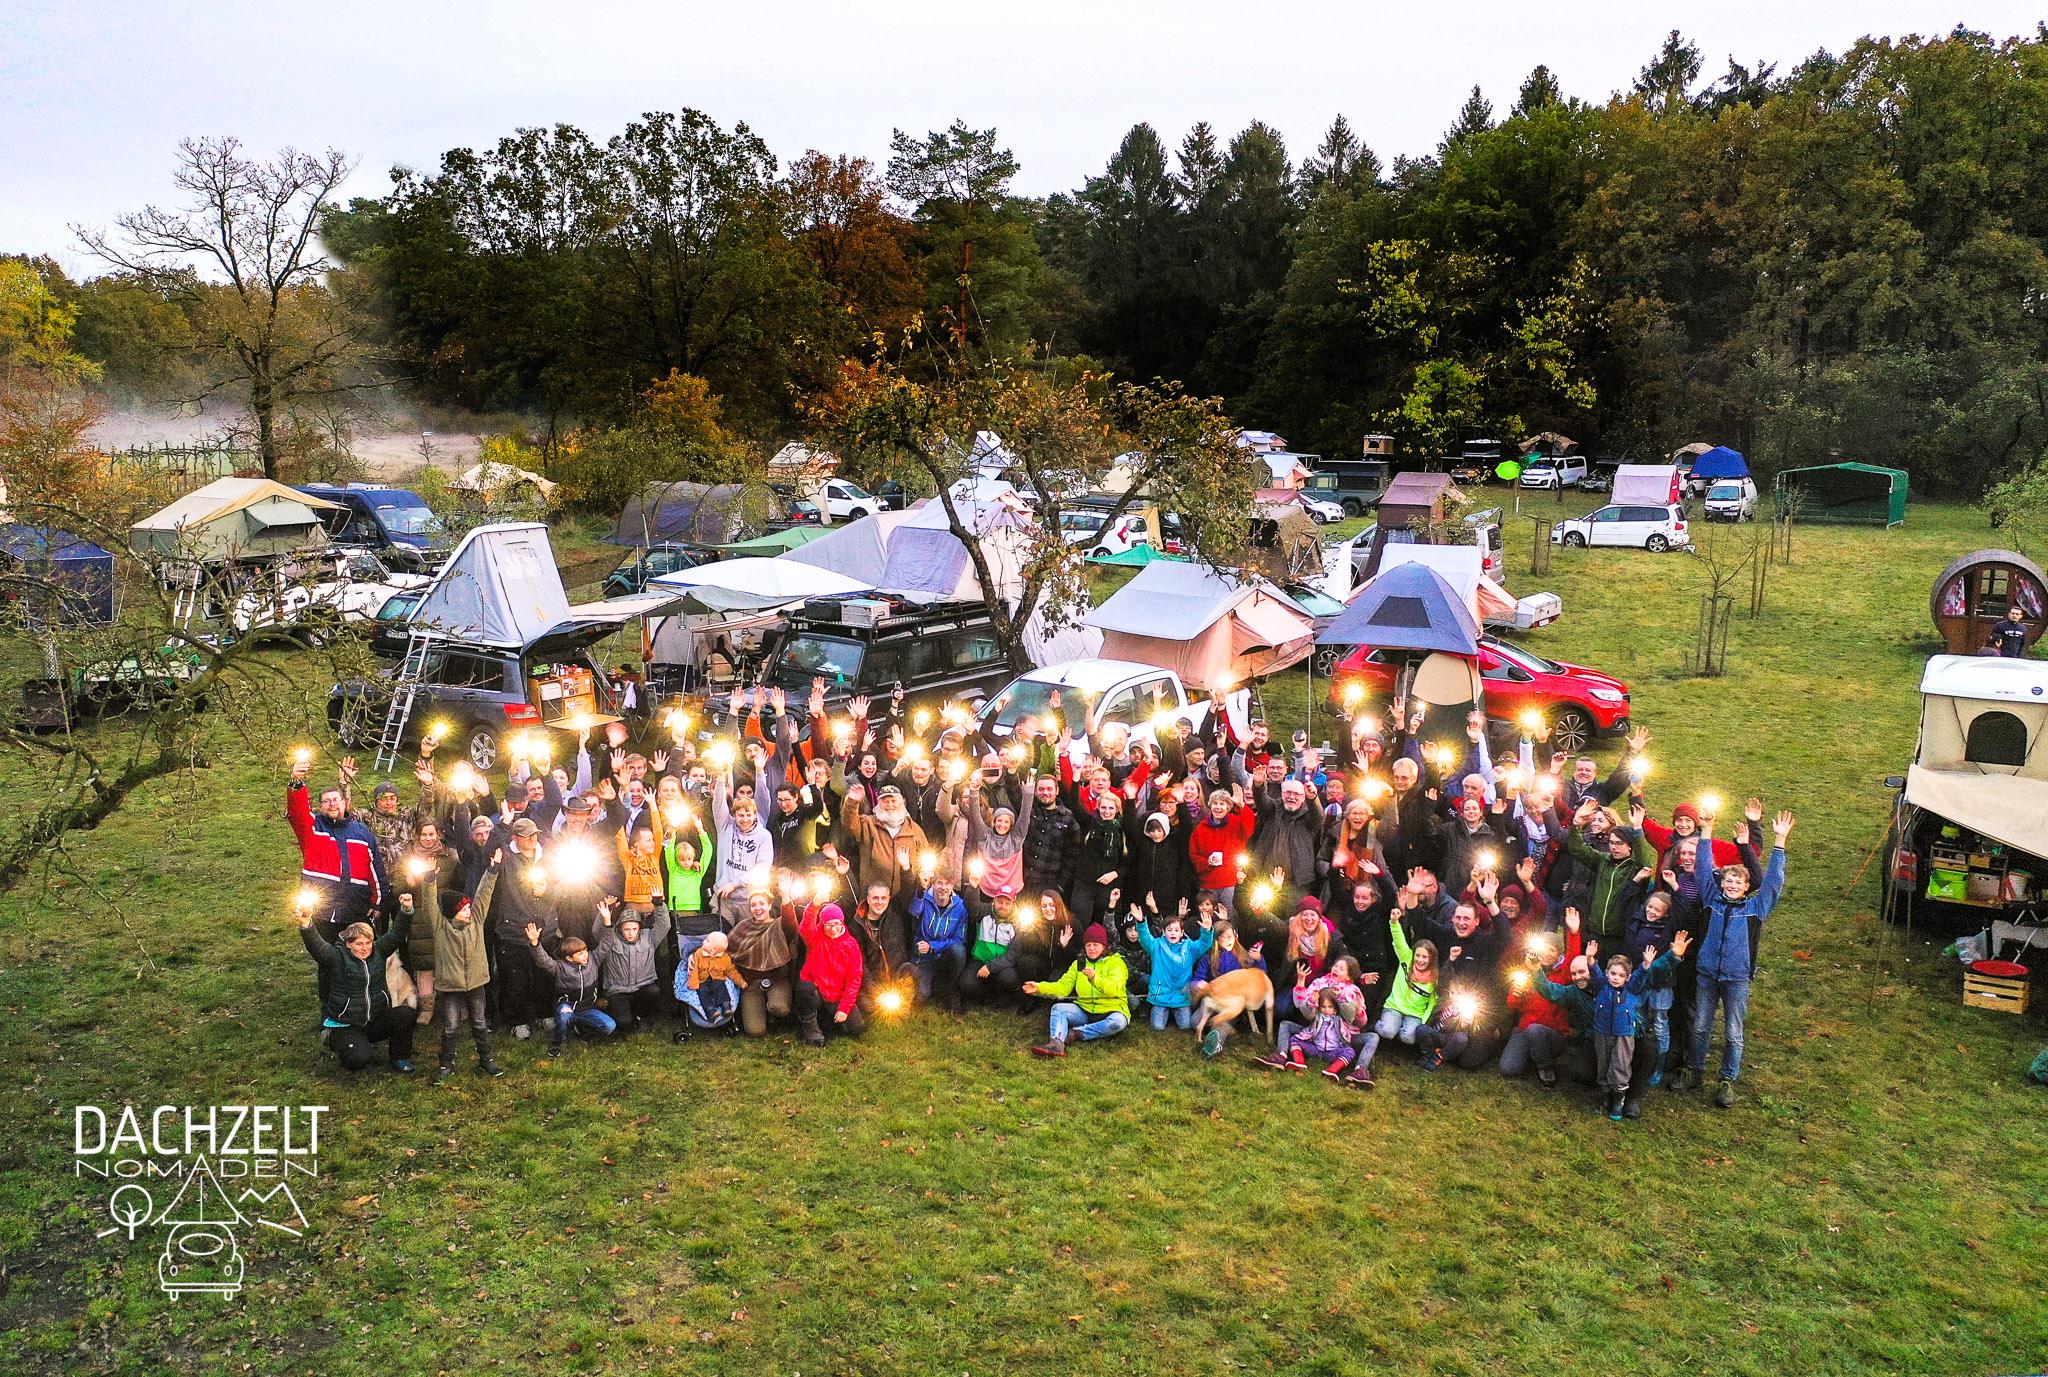 Gruppenbild der Dachzeltnomaden mit Lichteffekt vor Dachzelten